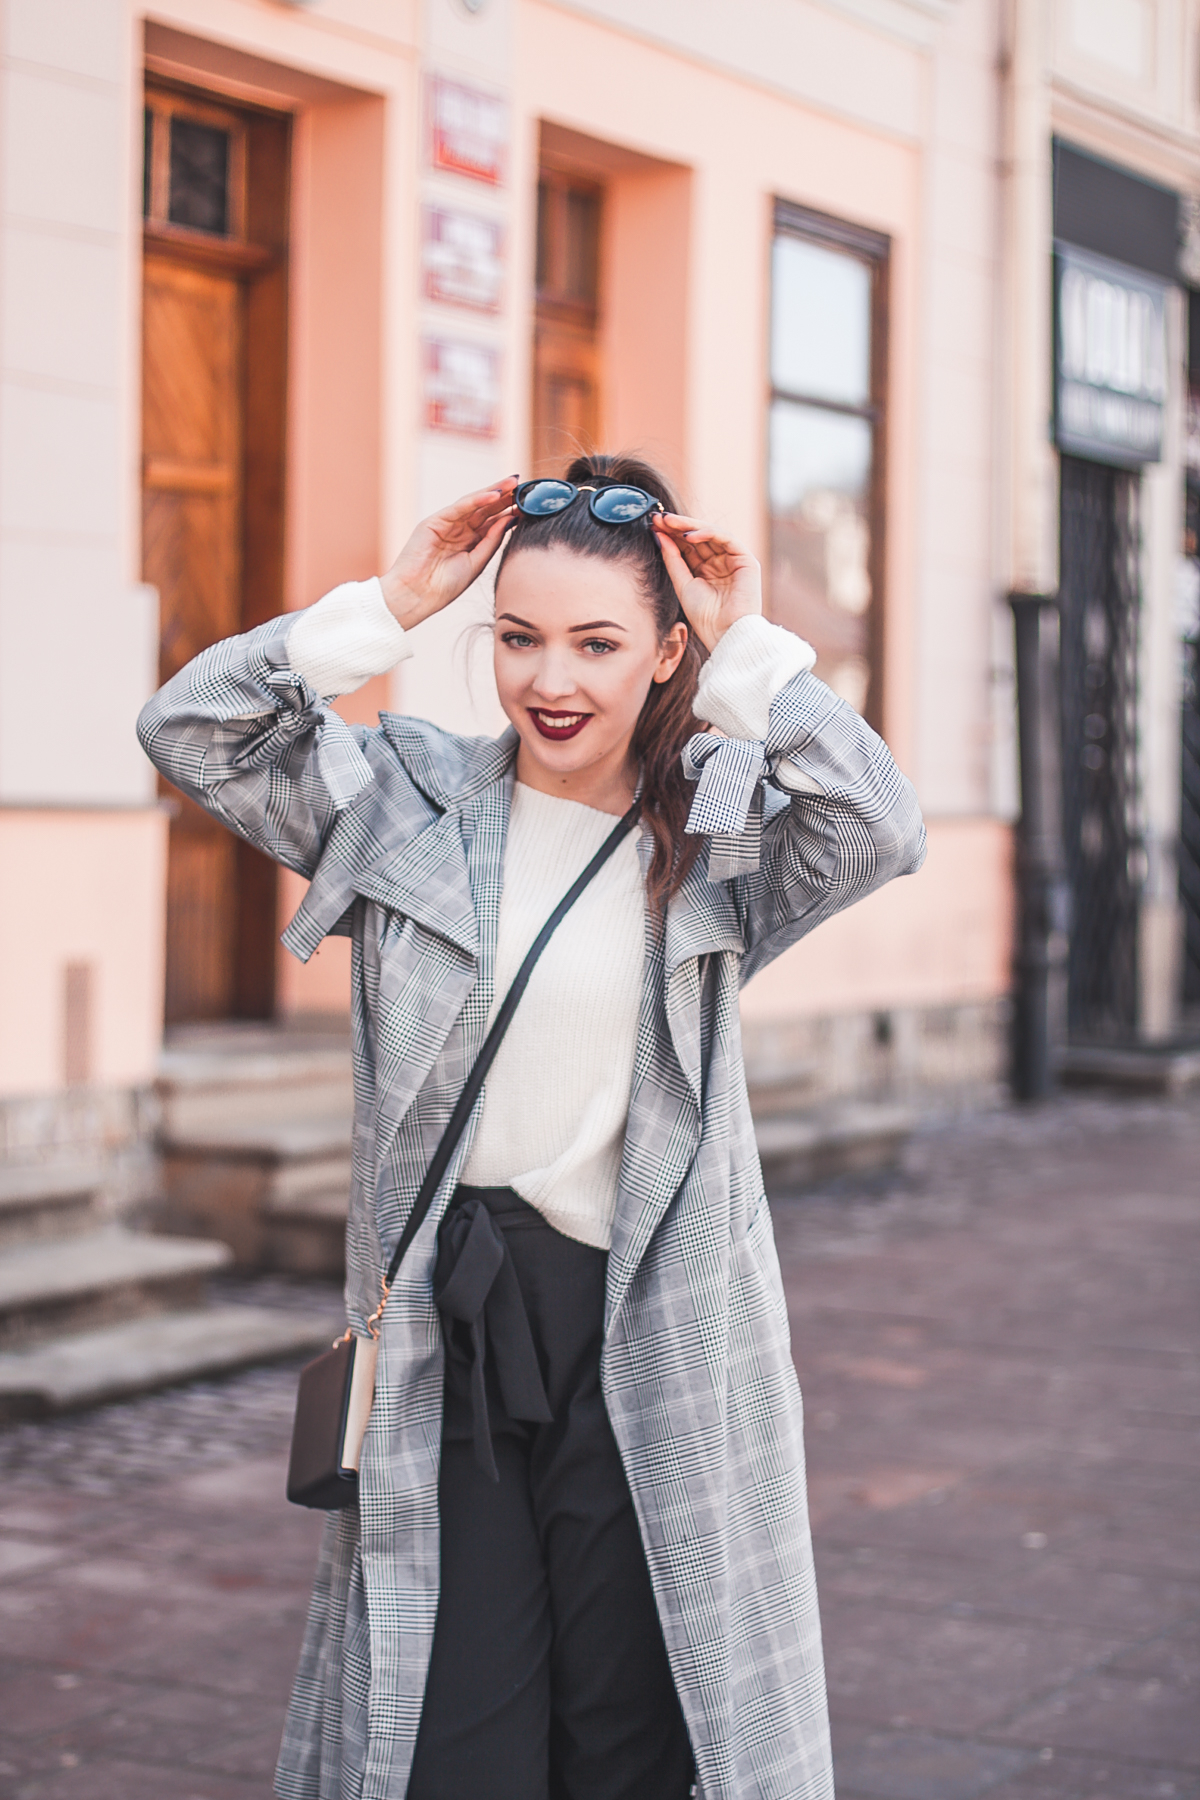 płaszcz w kratkę stylizacja wiosenna